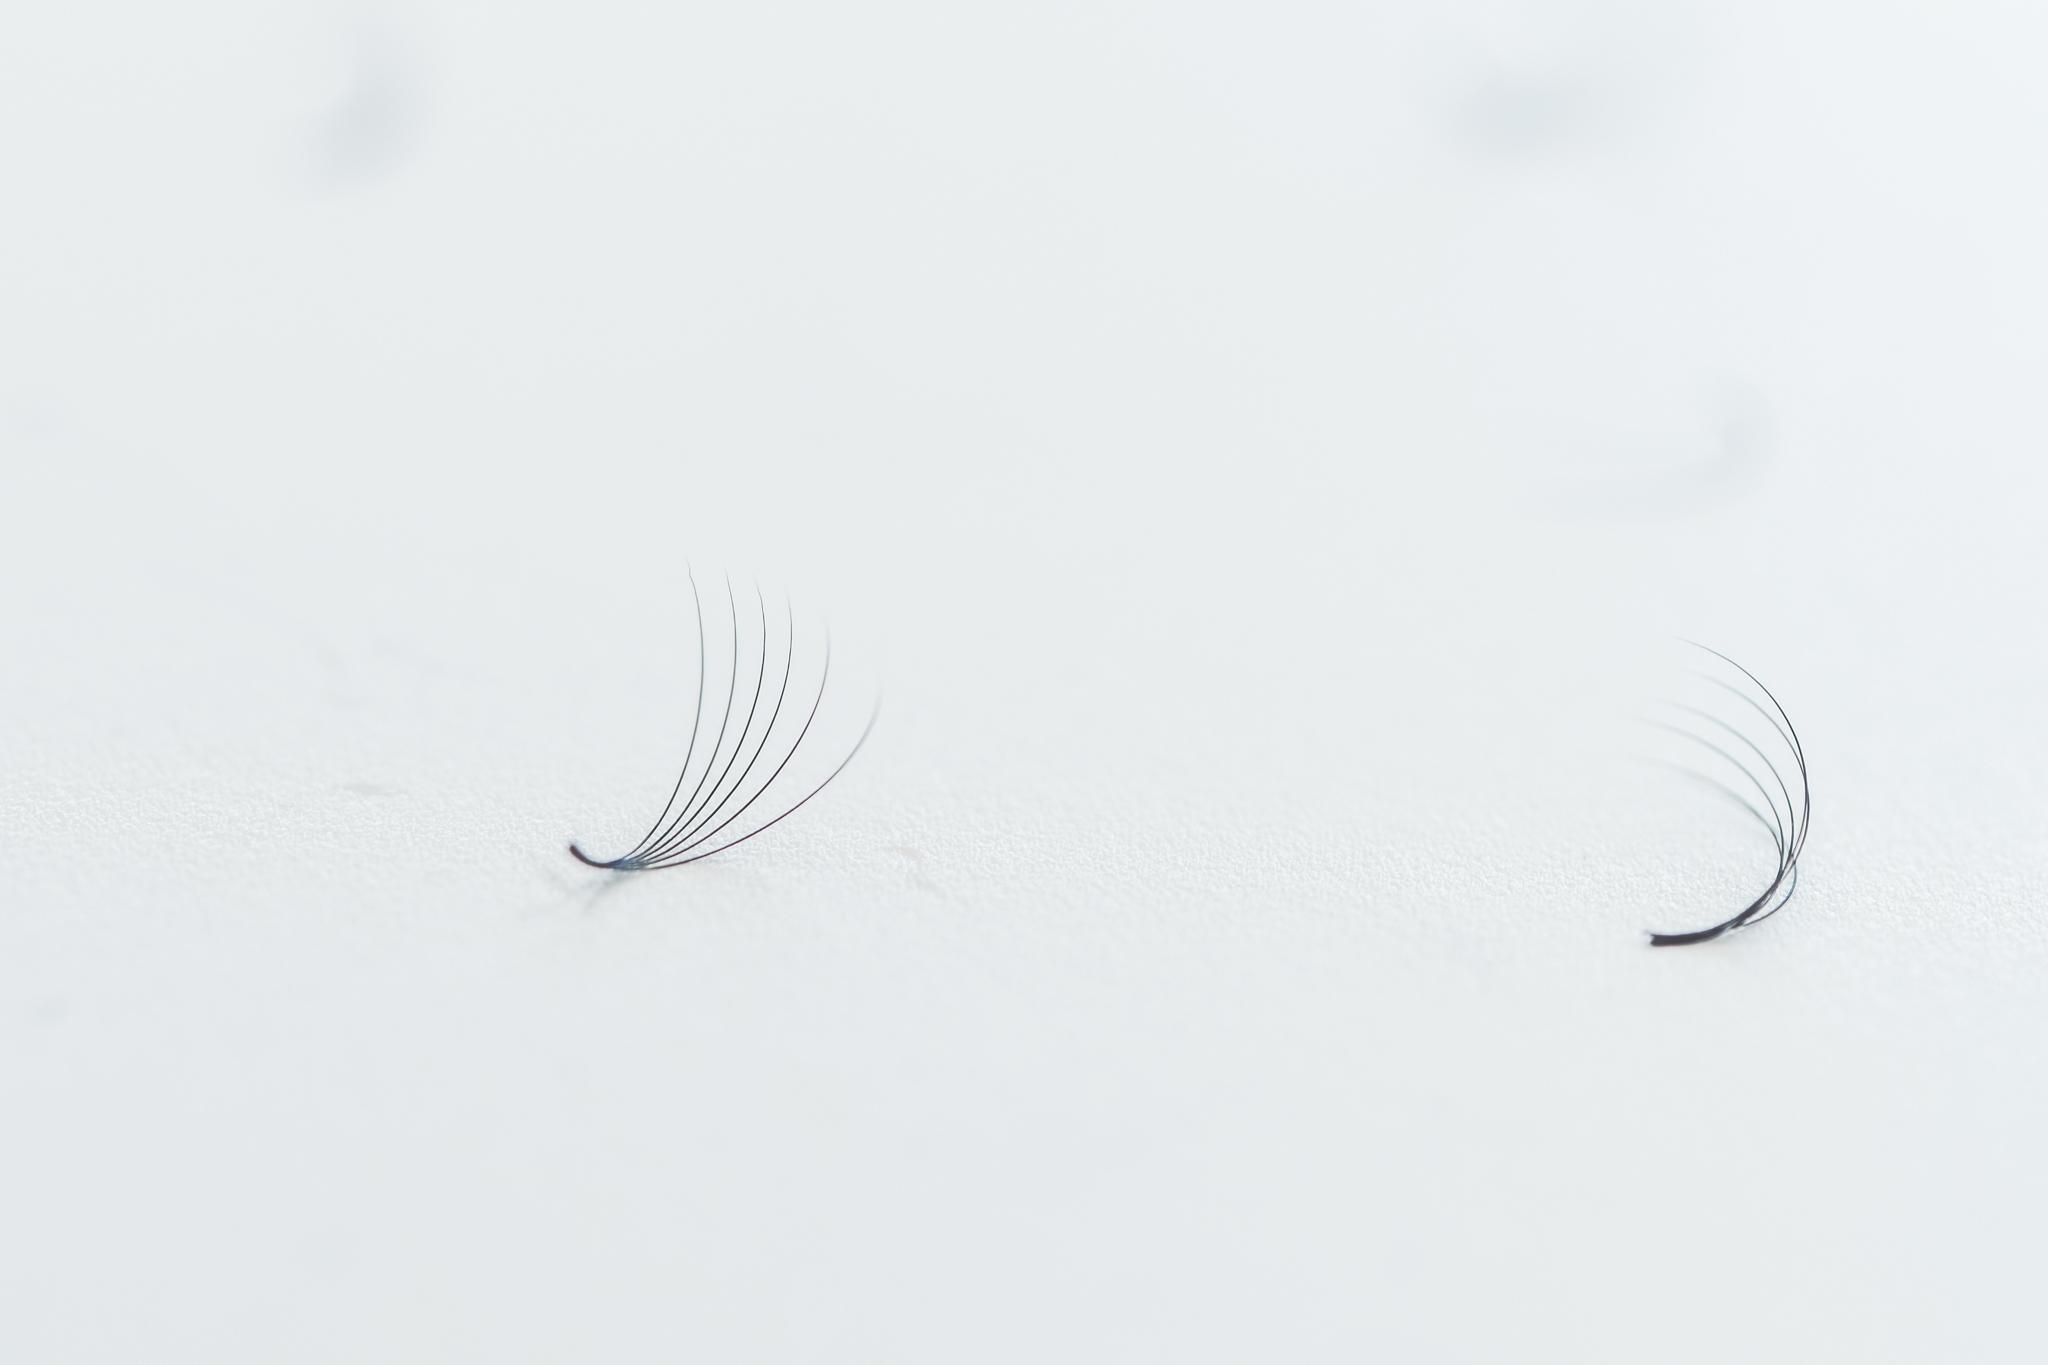 eyelandlash-97.jpg